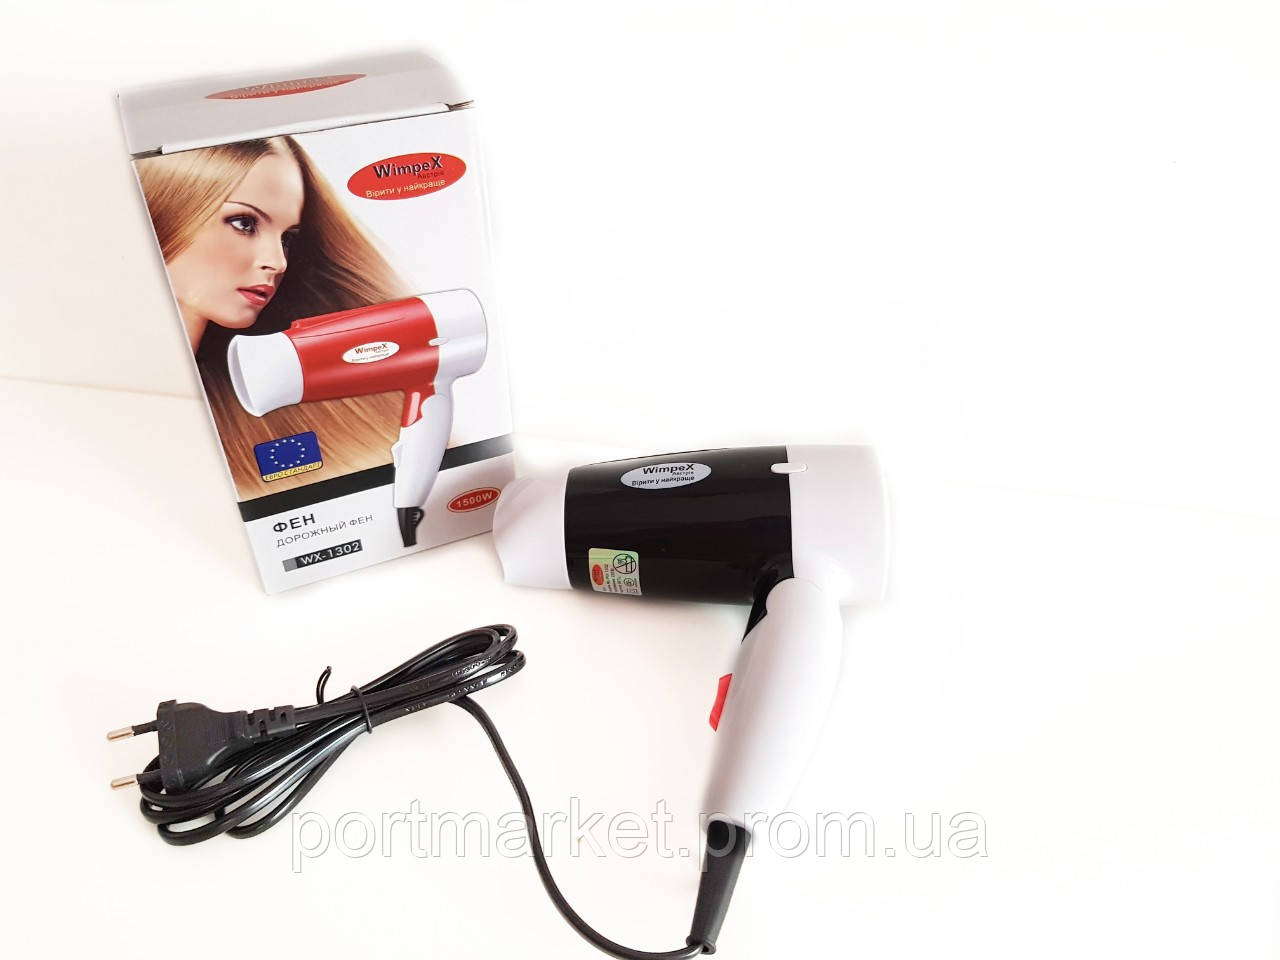 Фен для волос портативный Wimpex WX-1302